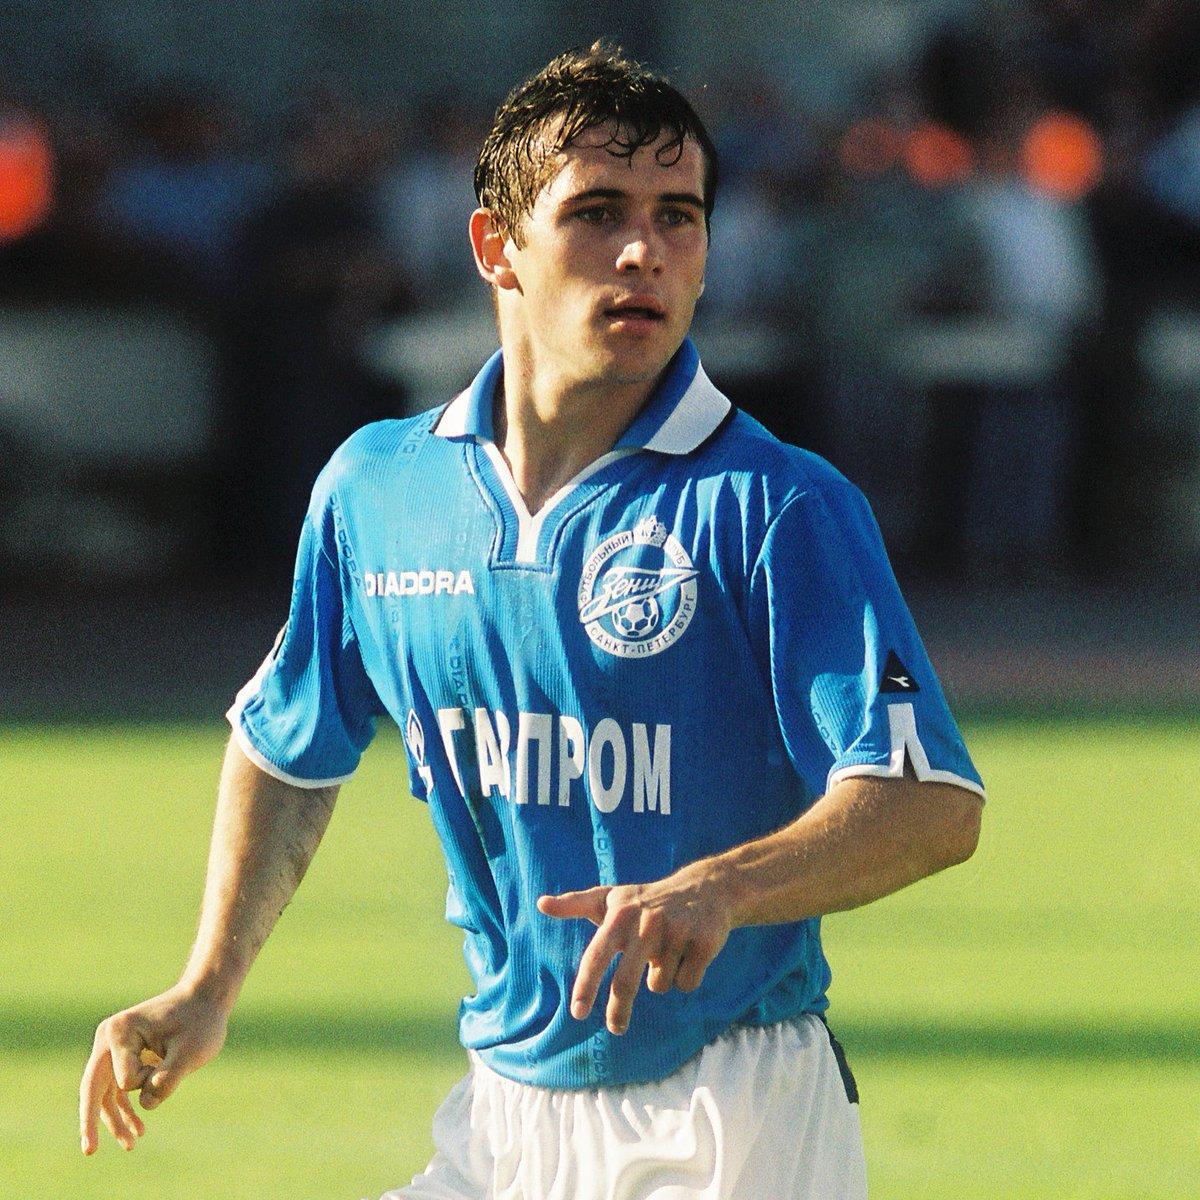 Сумасшедший гол 19-летнего Кержакова в ворота «Ростсельмаша» в 2002-м. Ножницами, через себя, с 11 метров